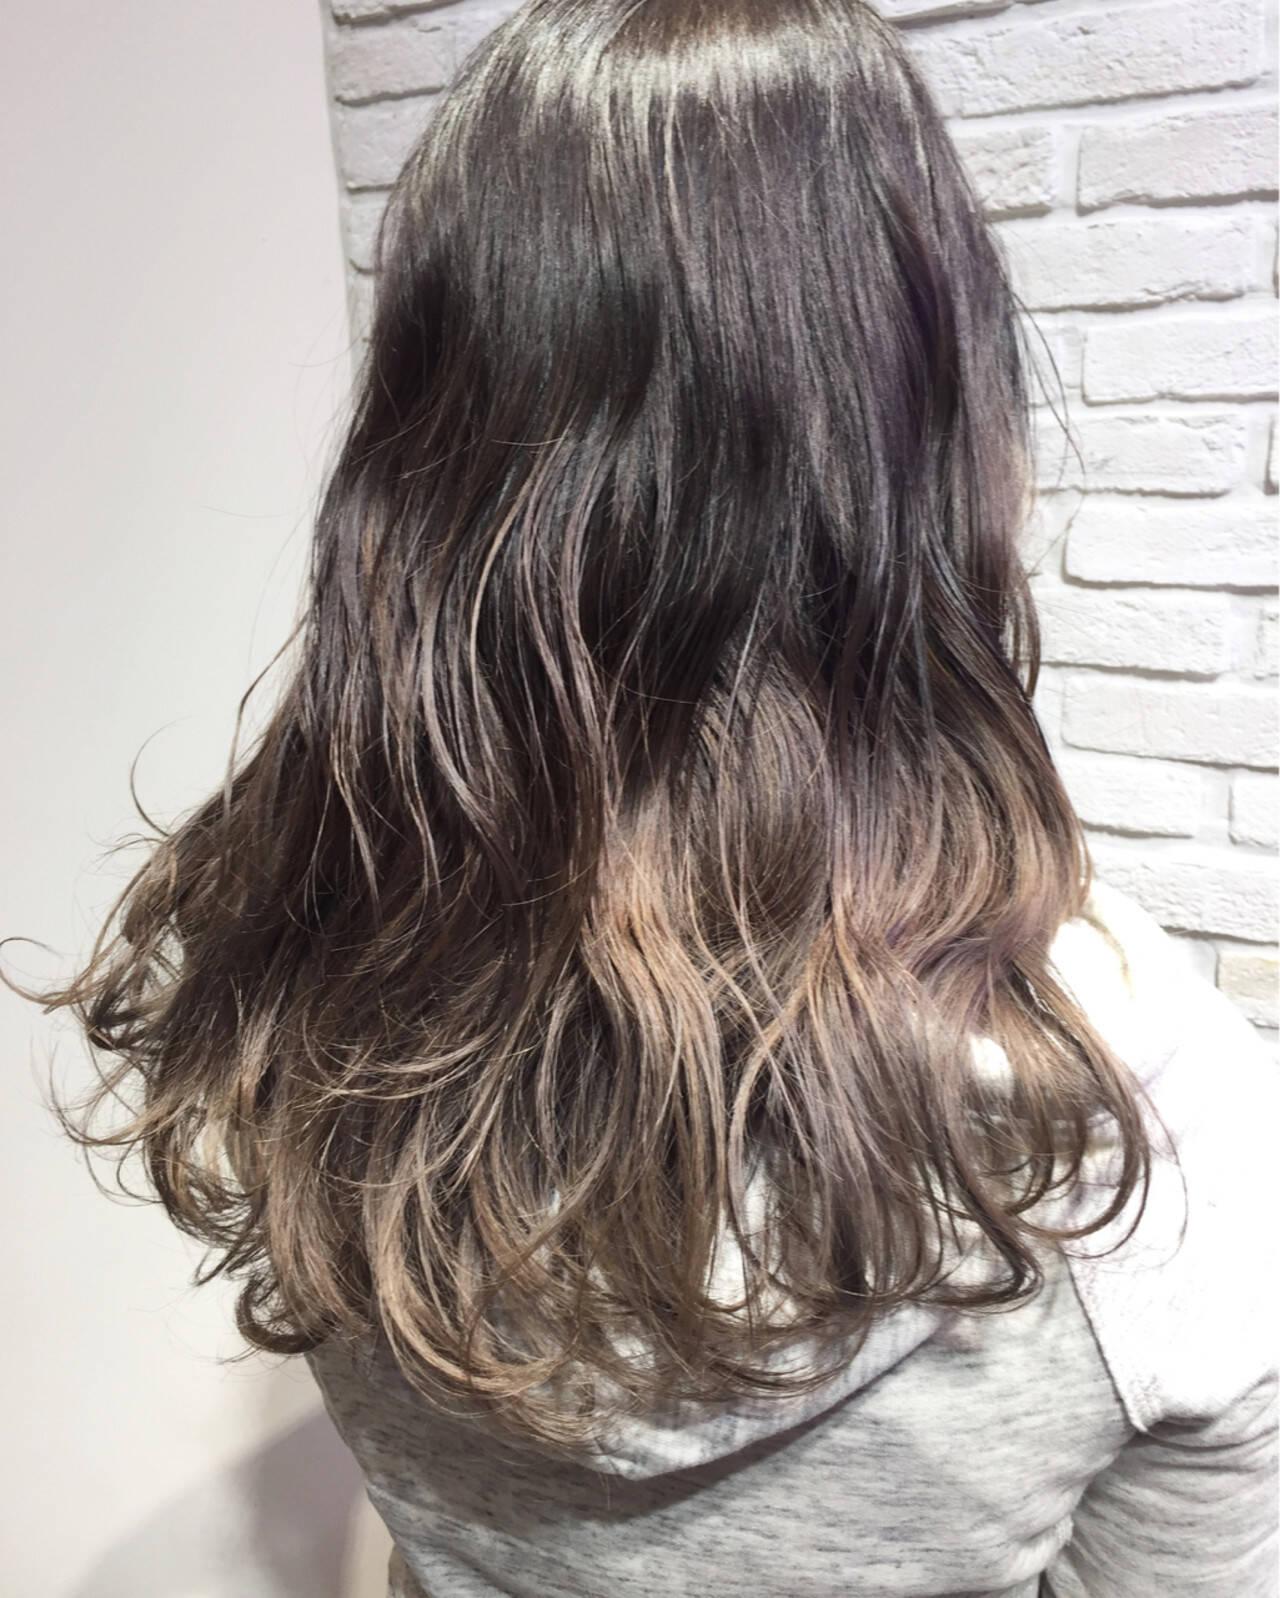 アッシュグレージュ 外国人風カラー セミロング ストリートヘアスタイルや髪型の写真・画像